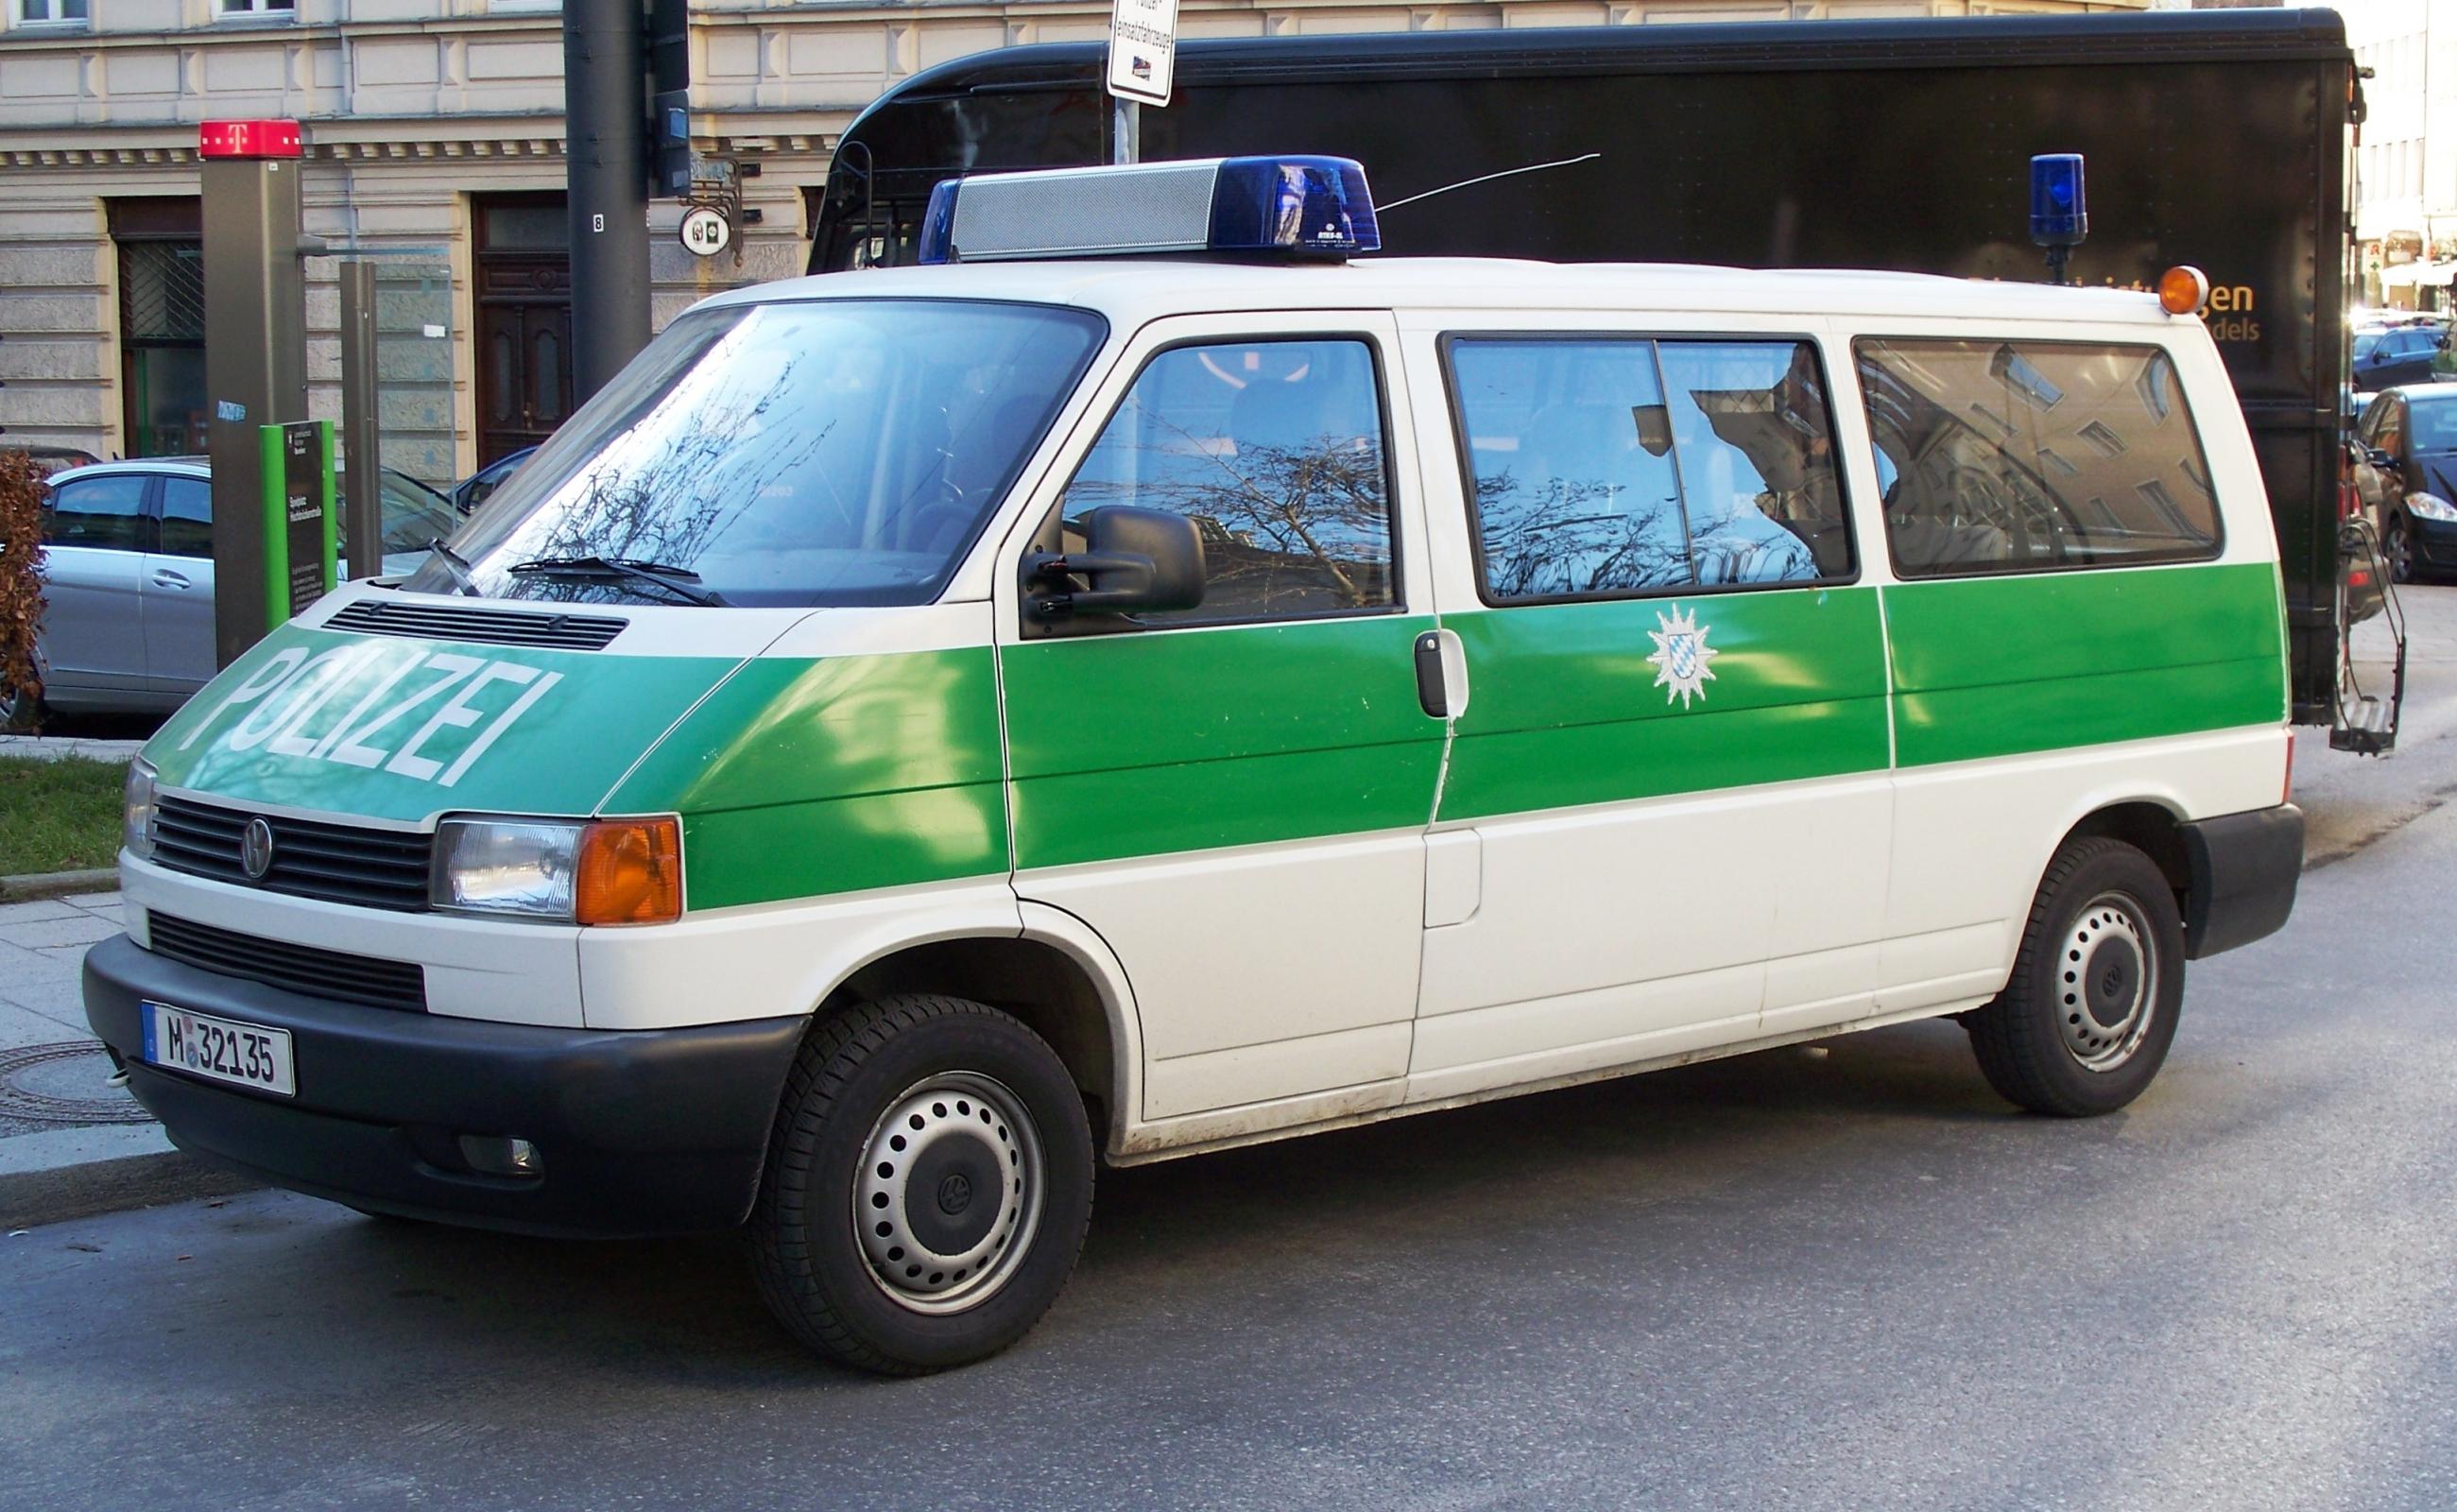 File Vw Transporter Der Bayerischen Polizei 2010 Jpg